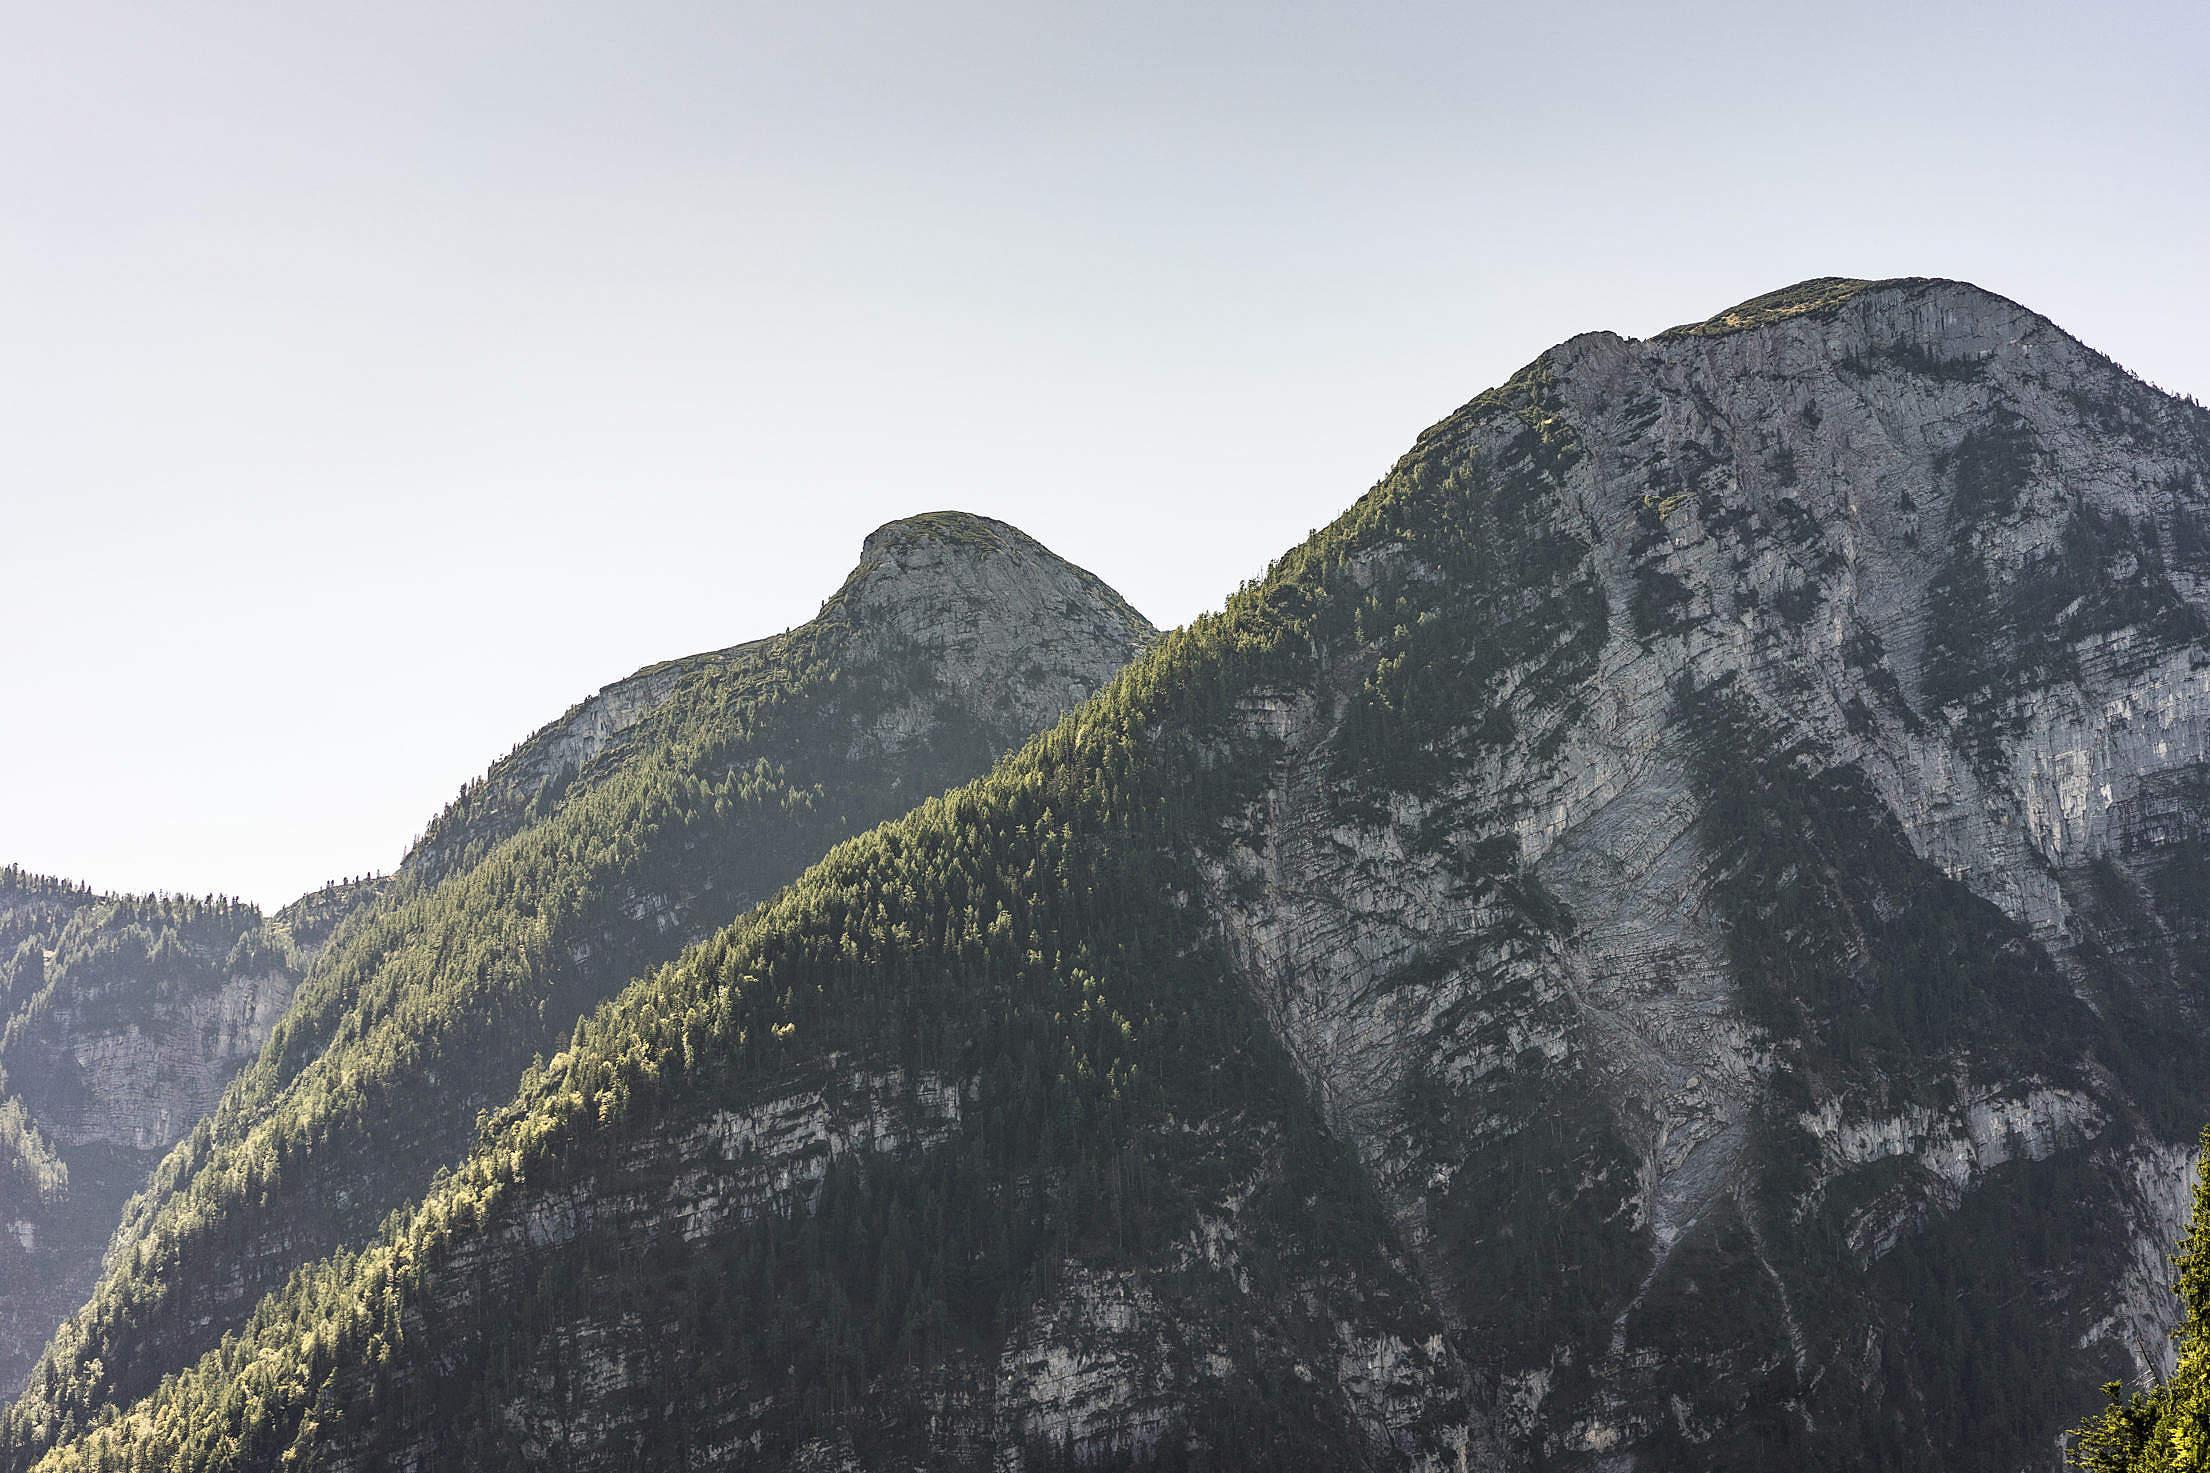 Mountain Peaks Free Stock Photo